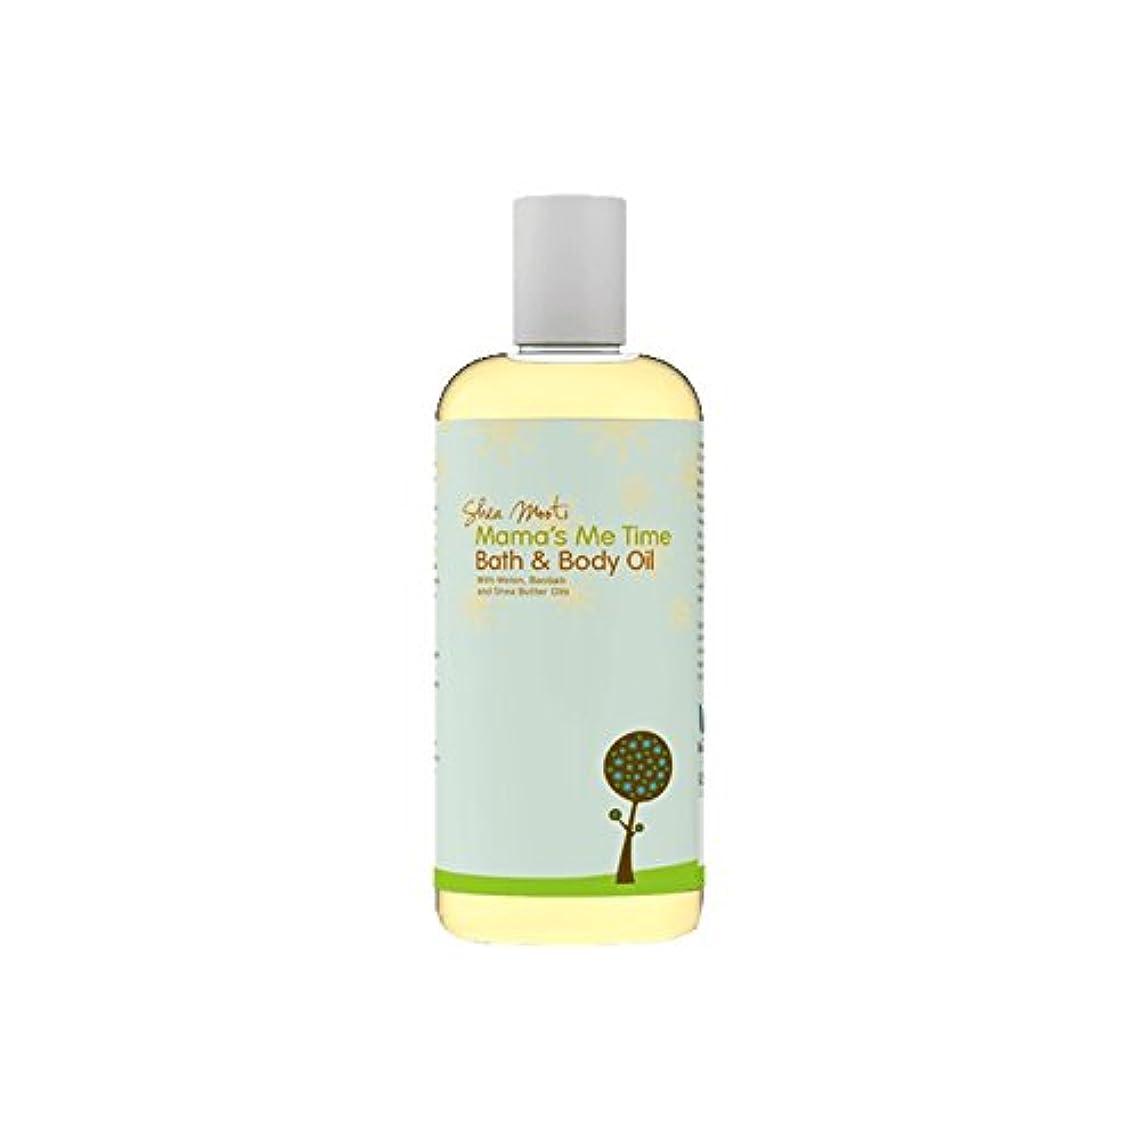 兄弟愛主婦ポジティブShea Mooti Mama's Me Time Bath and Body Oil 110g (Pack of 6) - シアバターMootiママの私の時間のバス、ボディオイル110グラム (x6) [並行輸入品]